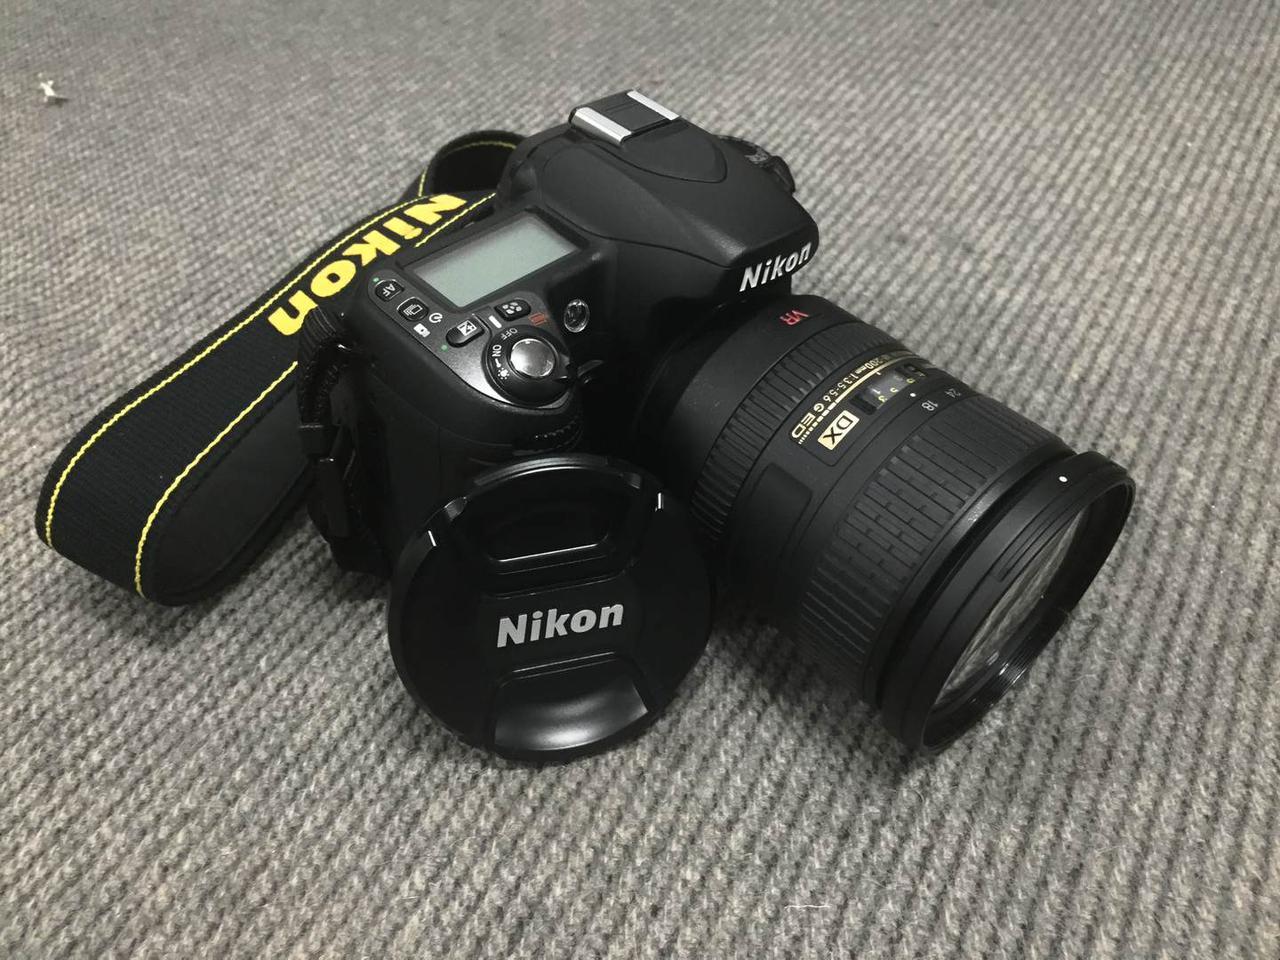 Зеркальный фотоаппарат Nikon D80 + объектив Nikkor 18-200